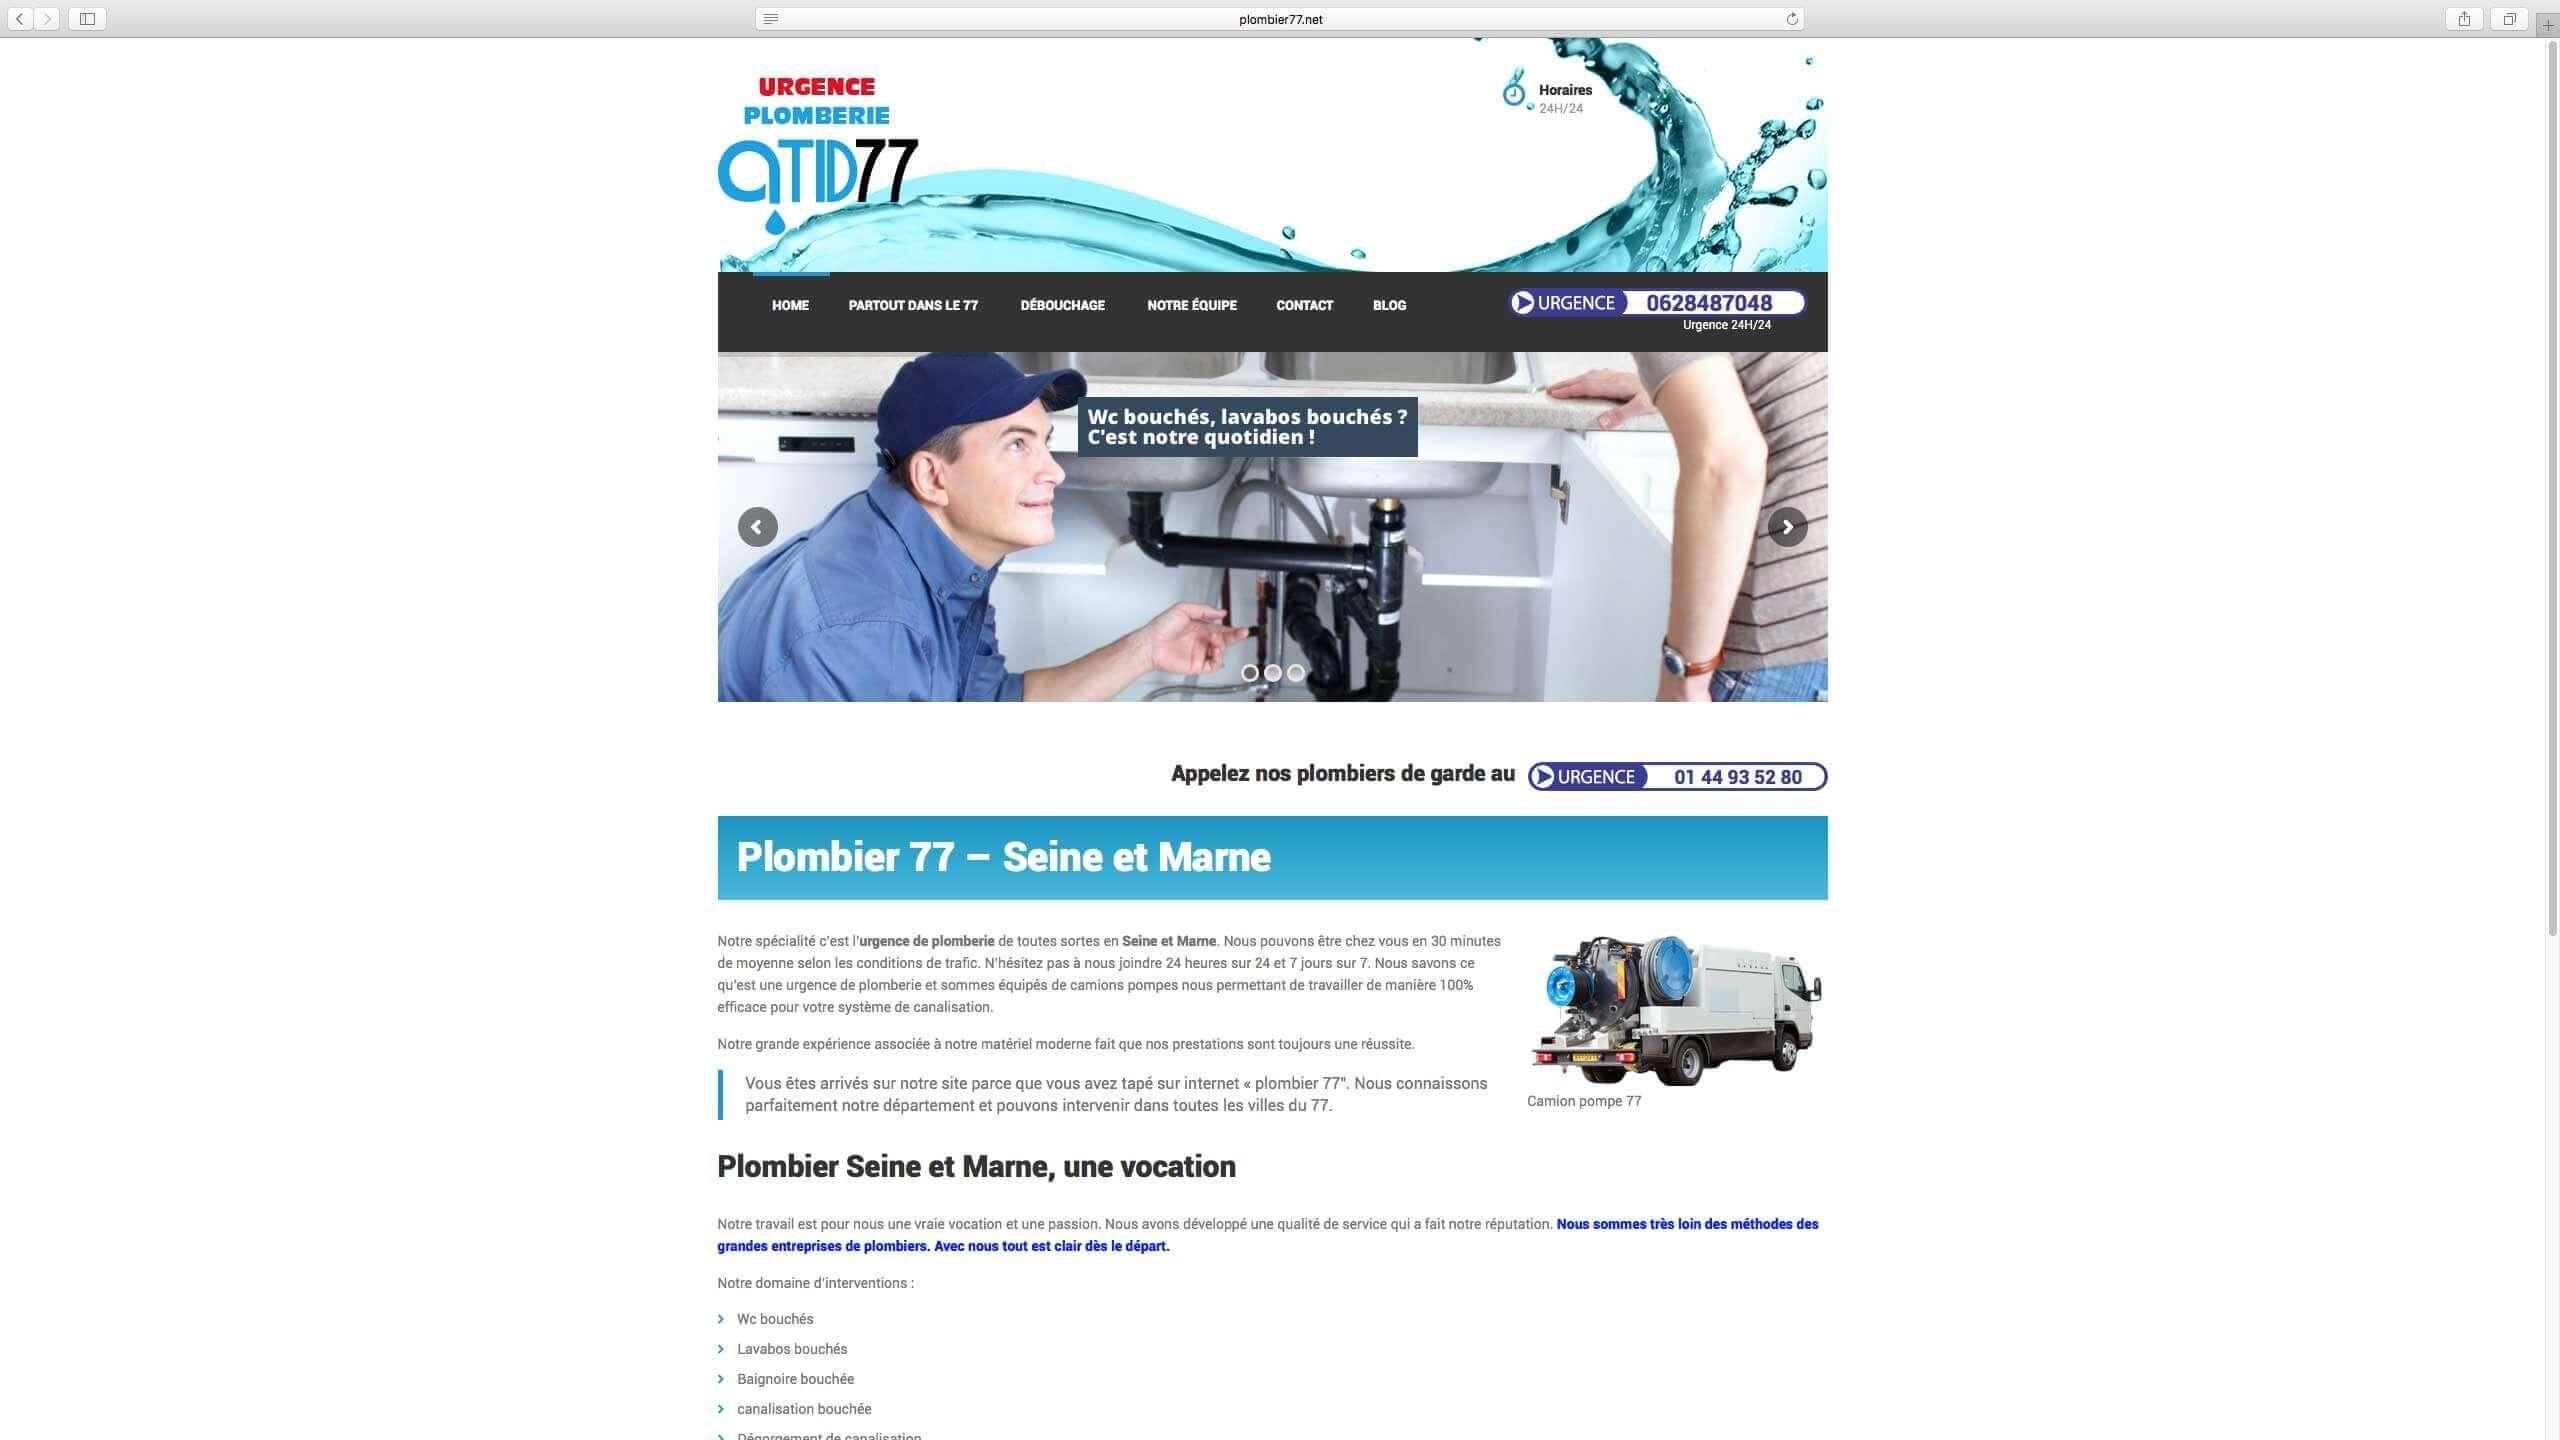 Capture d'écran du site internet Plombier77 réalisé par Kevin de Sousa